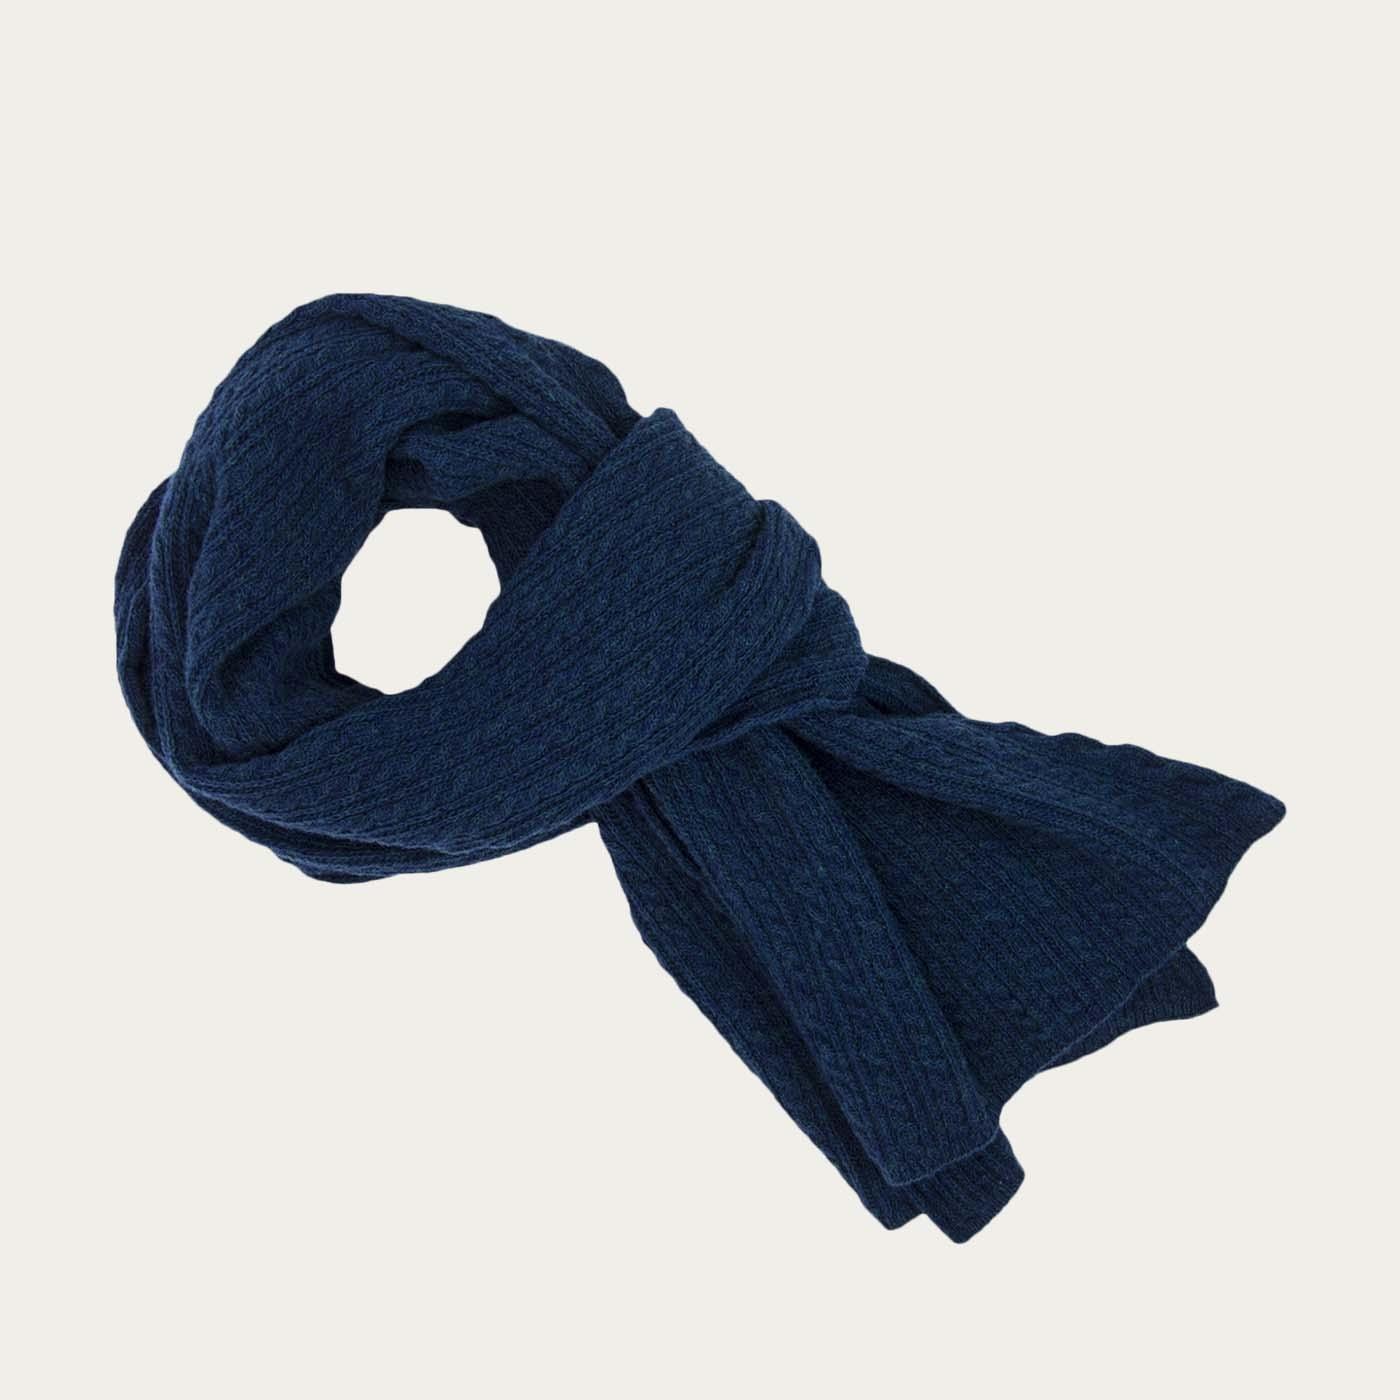 Petrol Blue Braided Wool & Cashmere Scarf 0